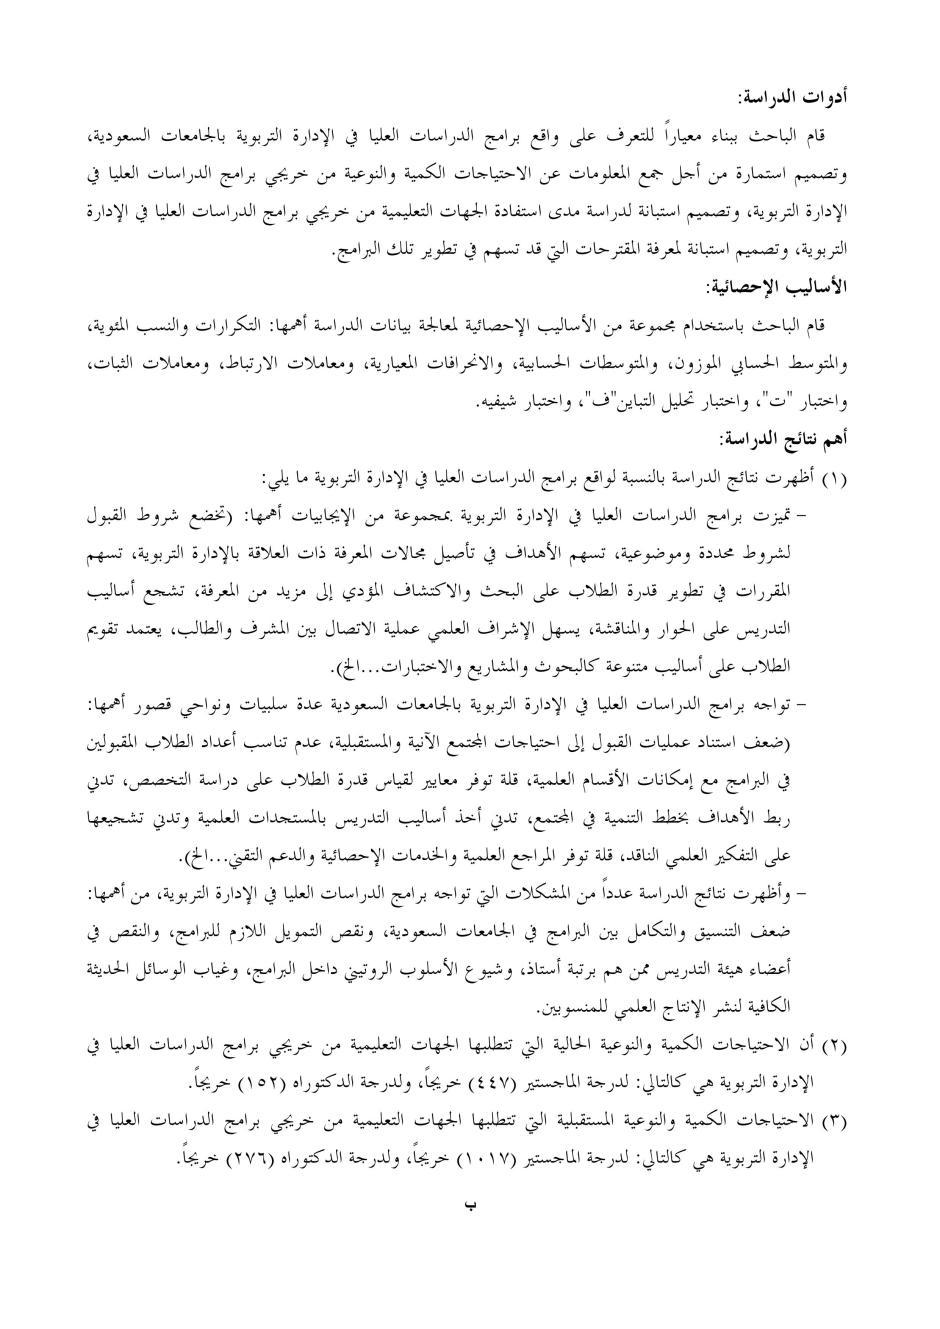 ملخص خالد الثبيتي2